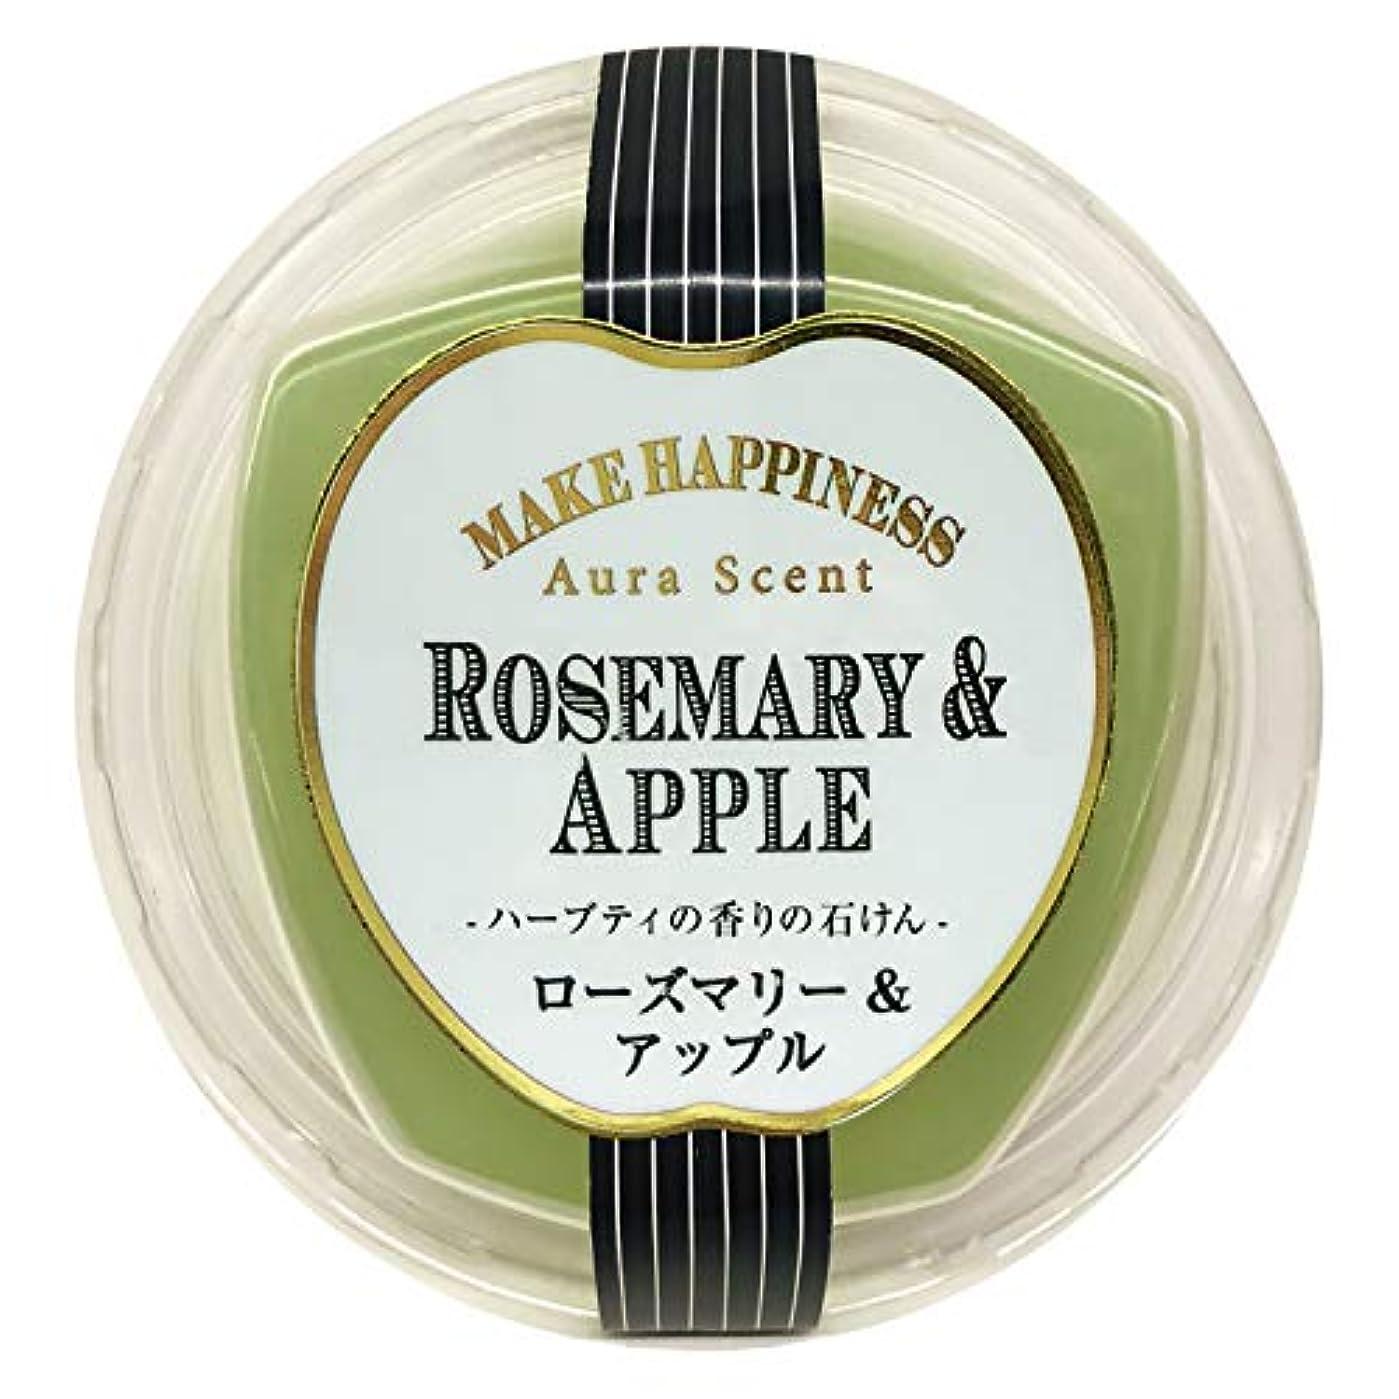 タール変装したインタフェースペリカン石鹸 オーラセント クリアソープローズマリー&アップル 75g